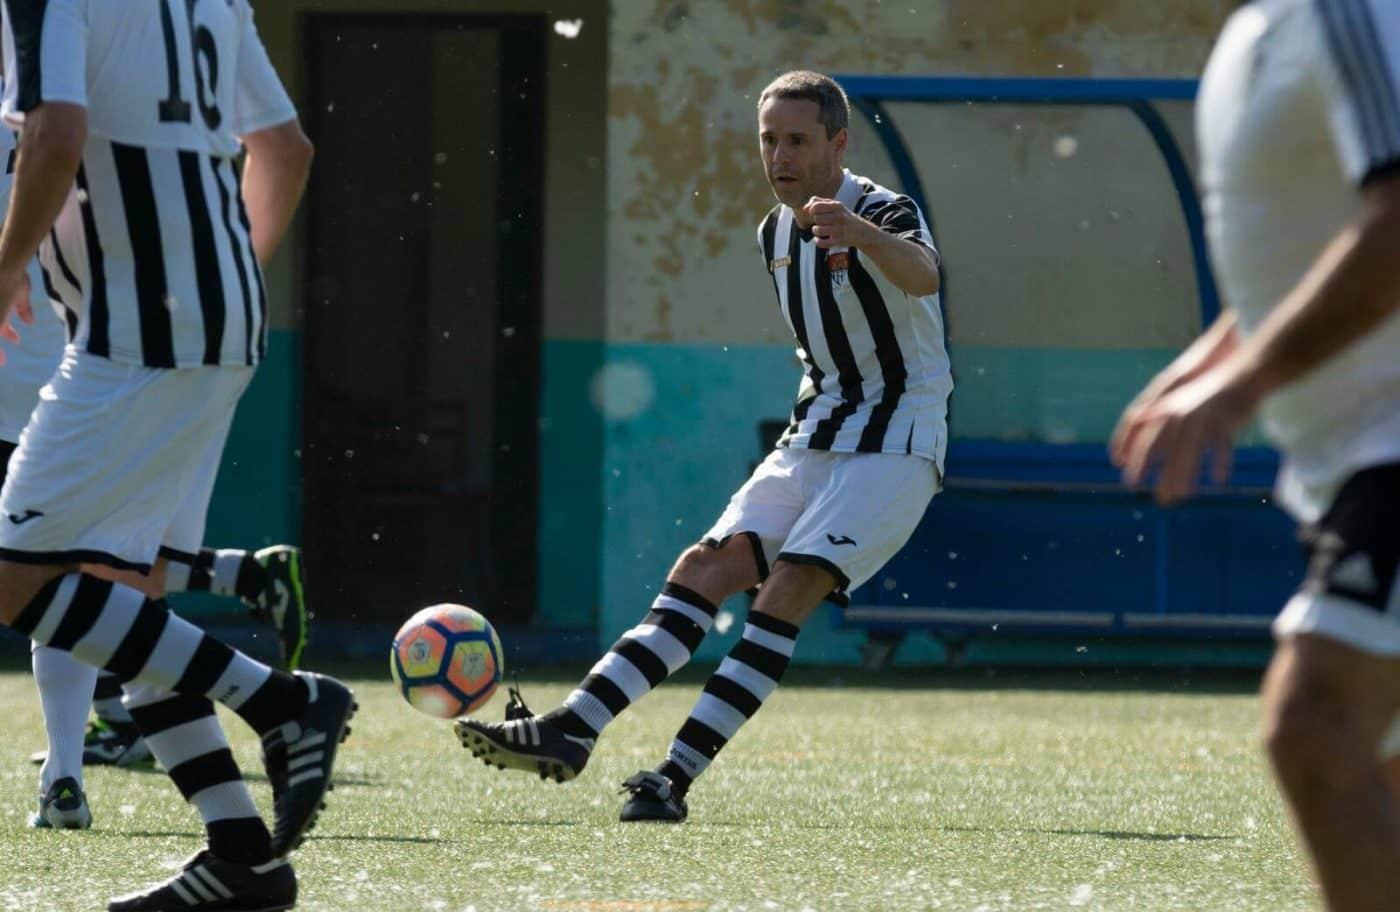 El CD Logroñés, campeón de la Copa Rioja Fútbol Veteranos disputada en Haro 4